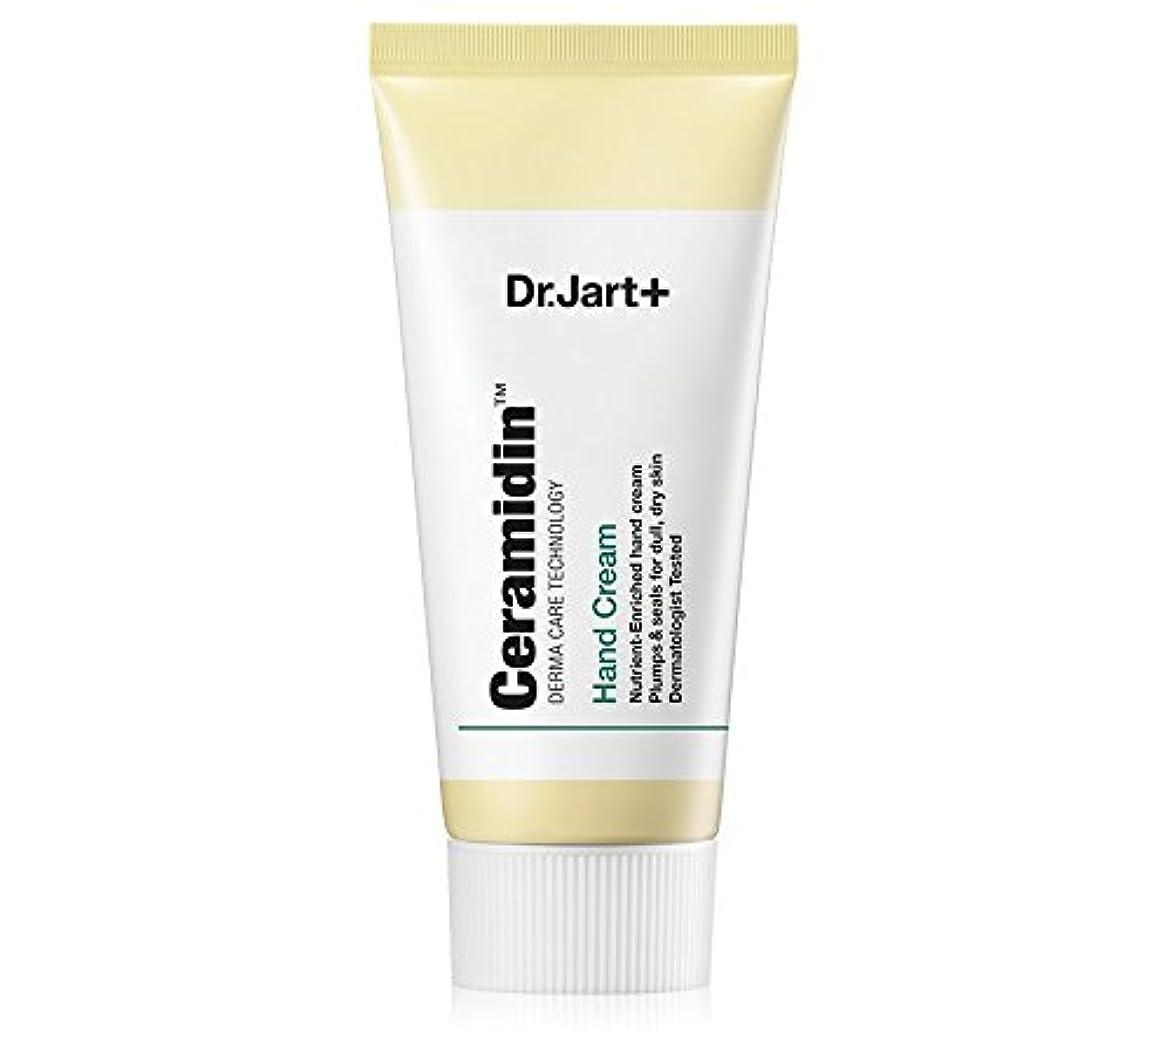 最終出口違反[Dr.Jart+] セラマイディンハンドクリーム / Ceramidin Hand Cream 50ml [並行輸入品]